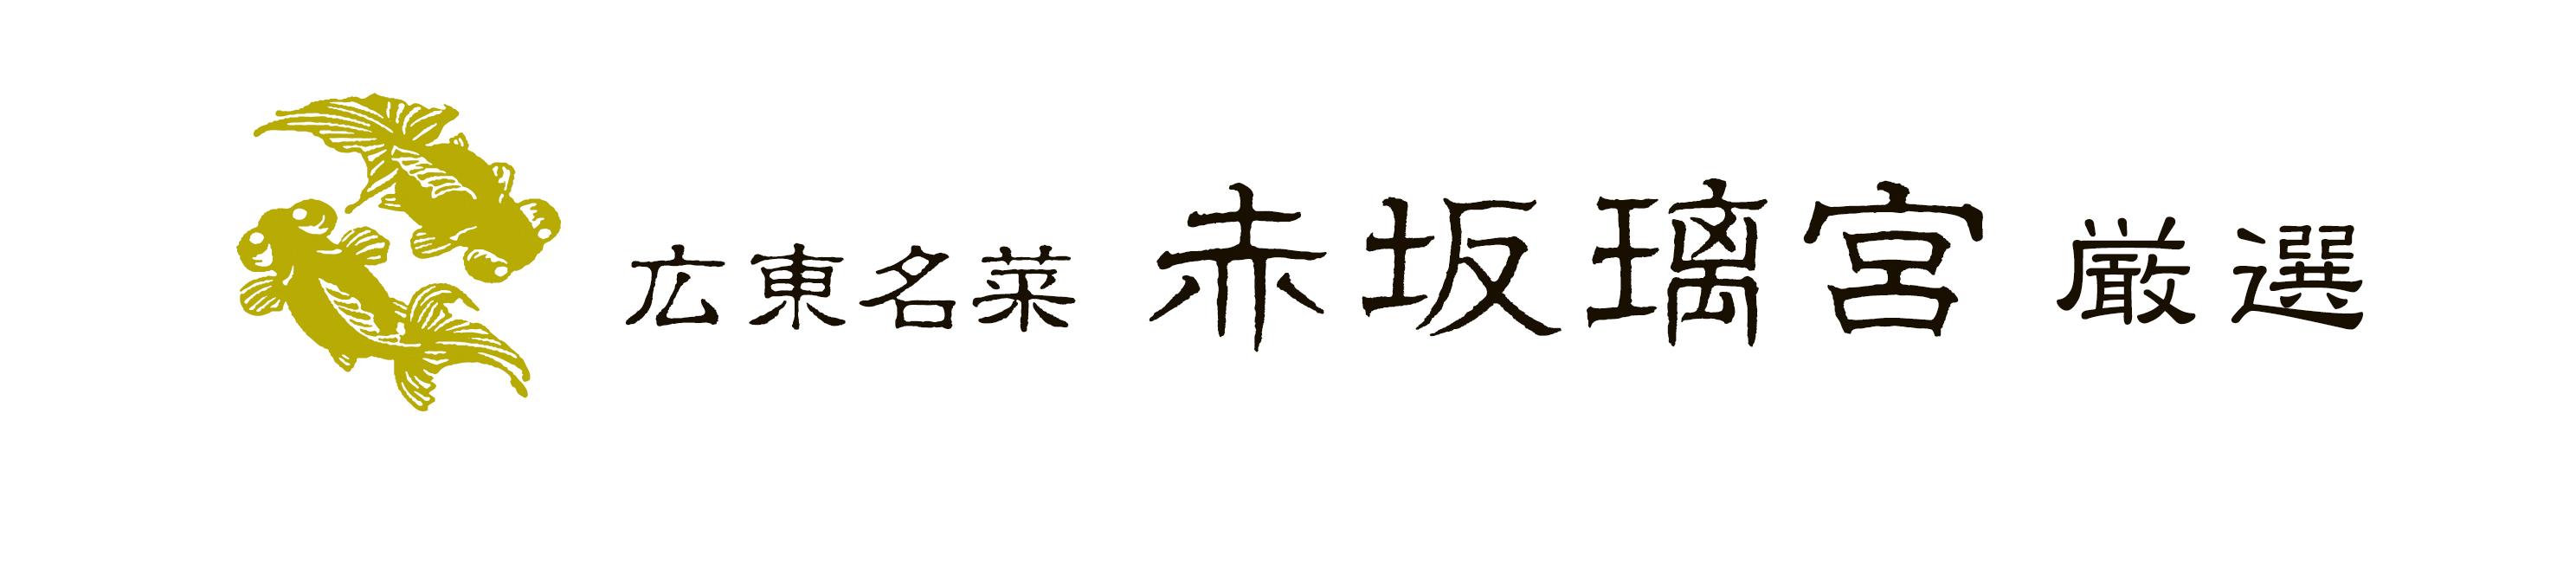 【よこやま】赤坂璃宮 厳選 片手鍋18cm 約径18×高さ10.5cm・満水容量2.7L・重量約710g